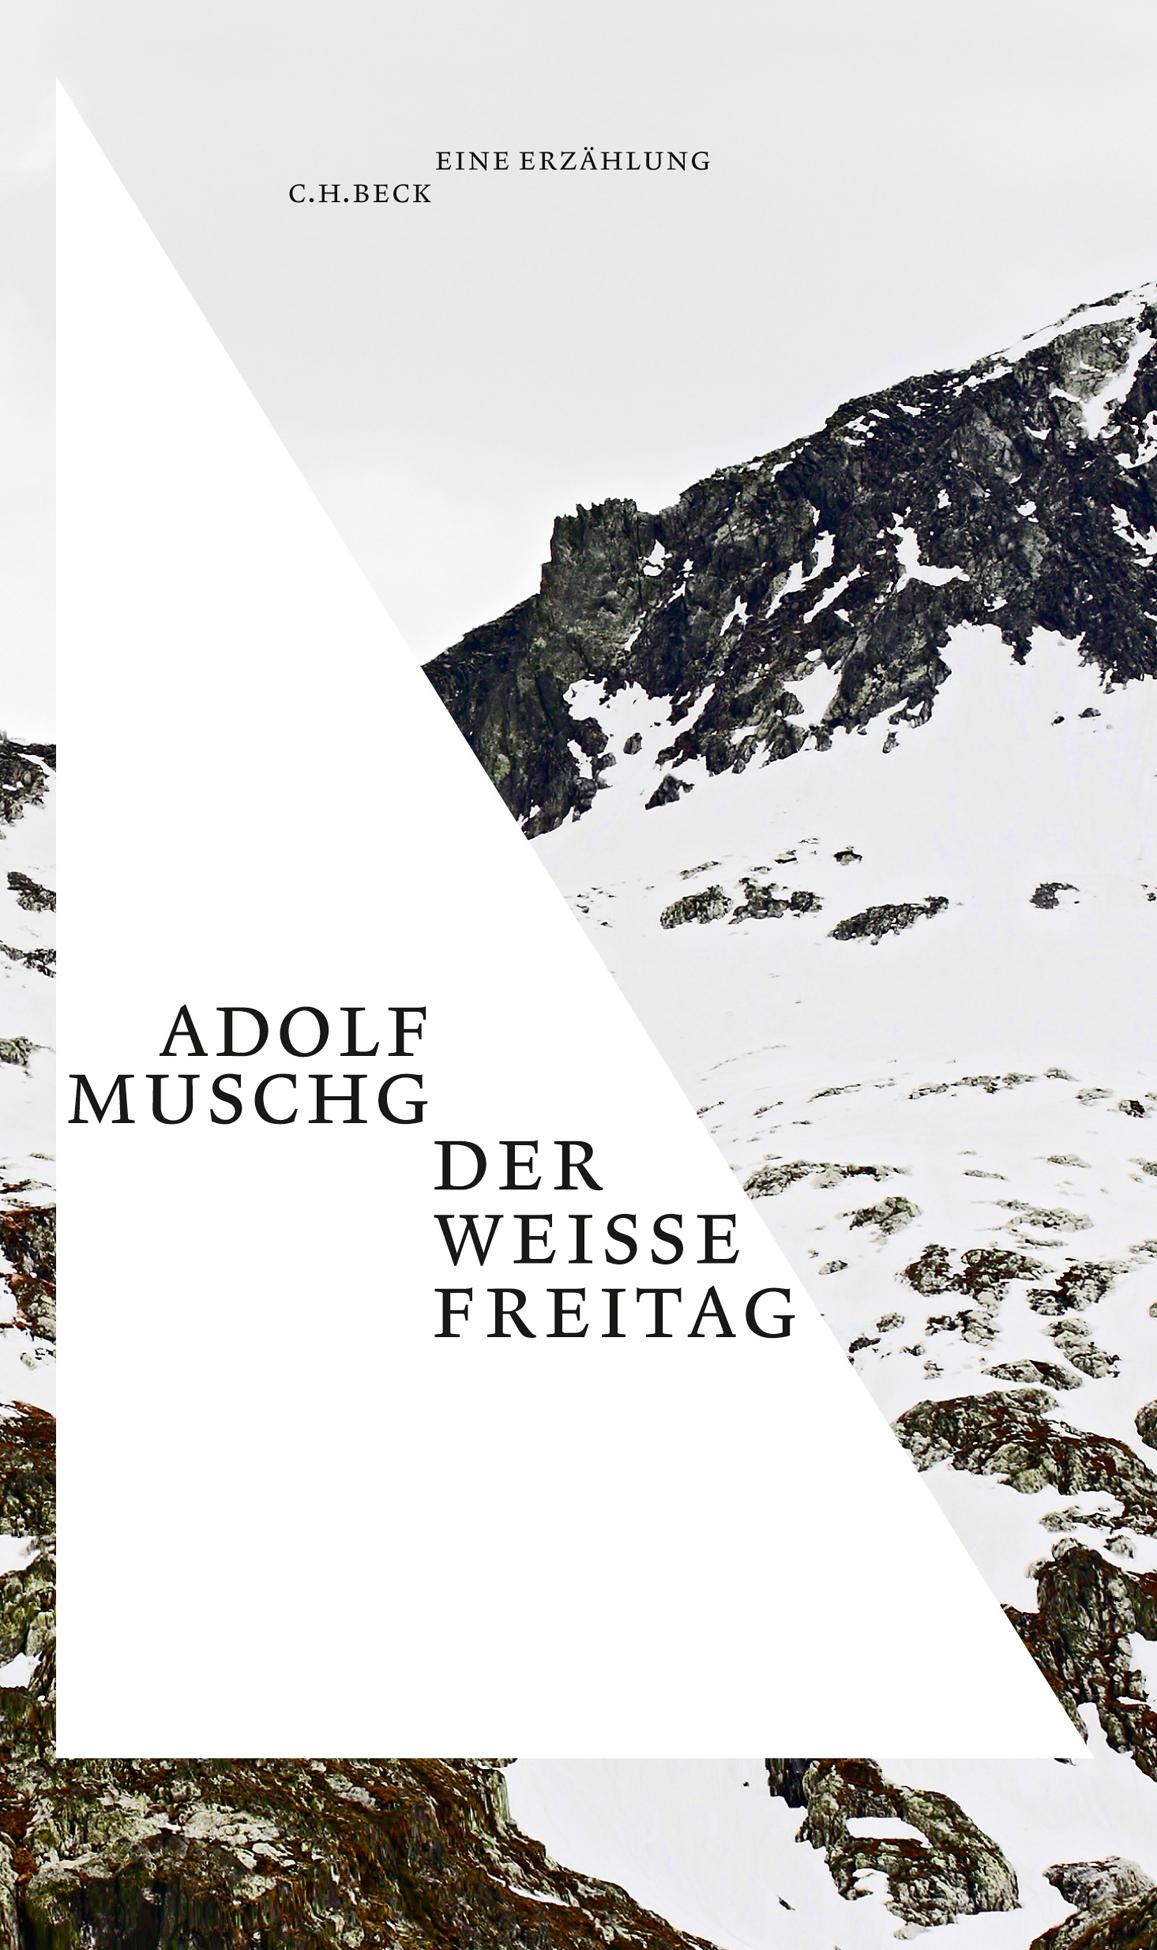 Adolf Muschg: «Der weisse Freitag – Erzählung vom Entgegenkommen»